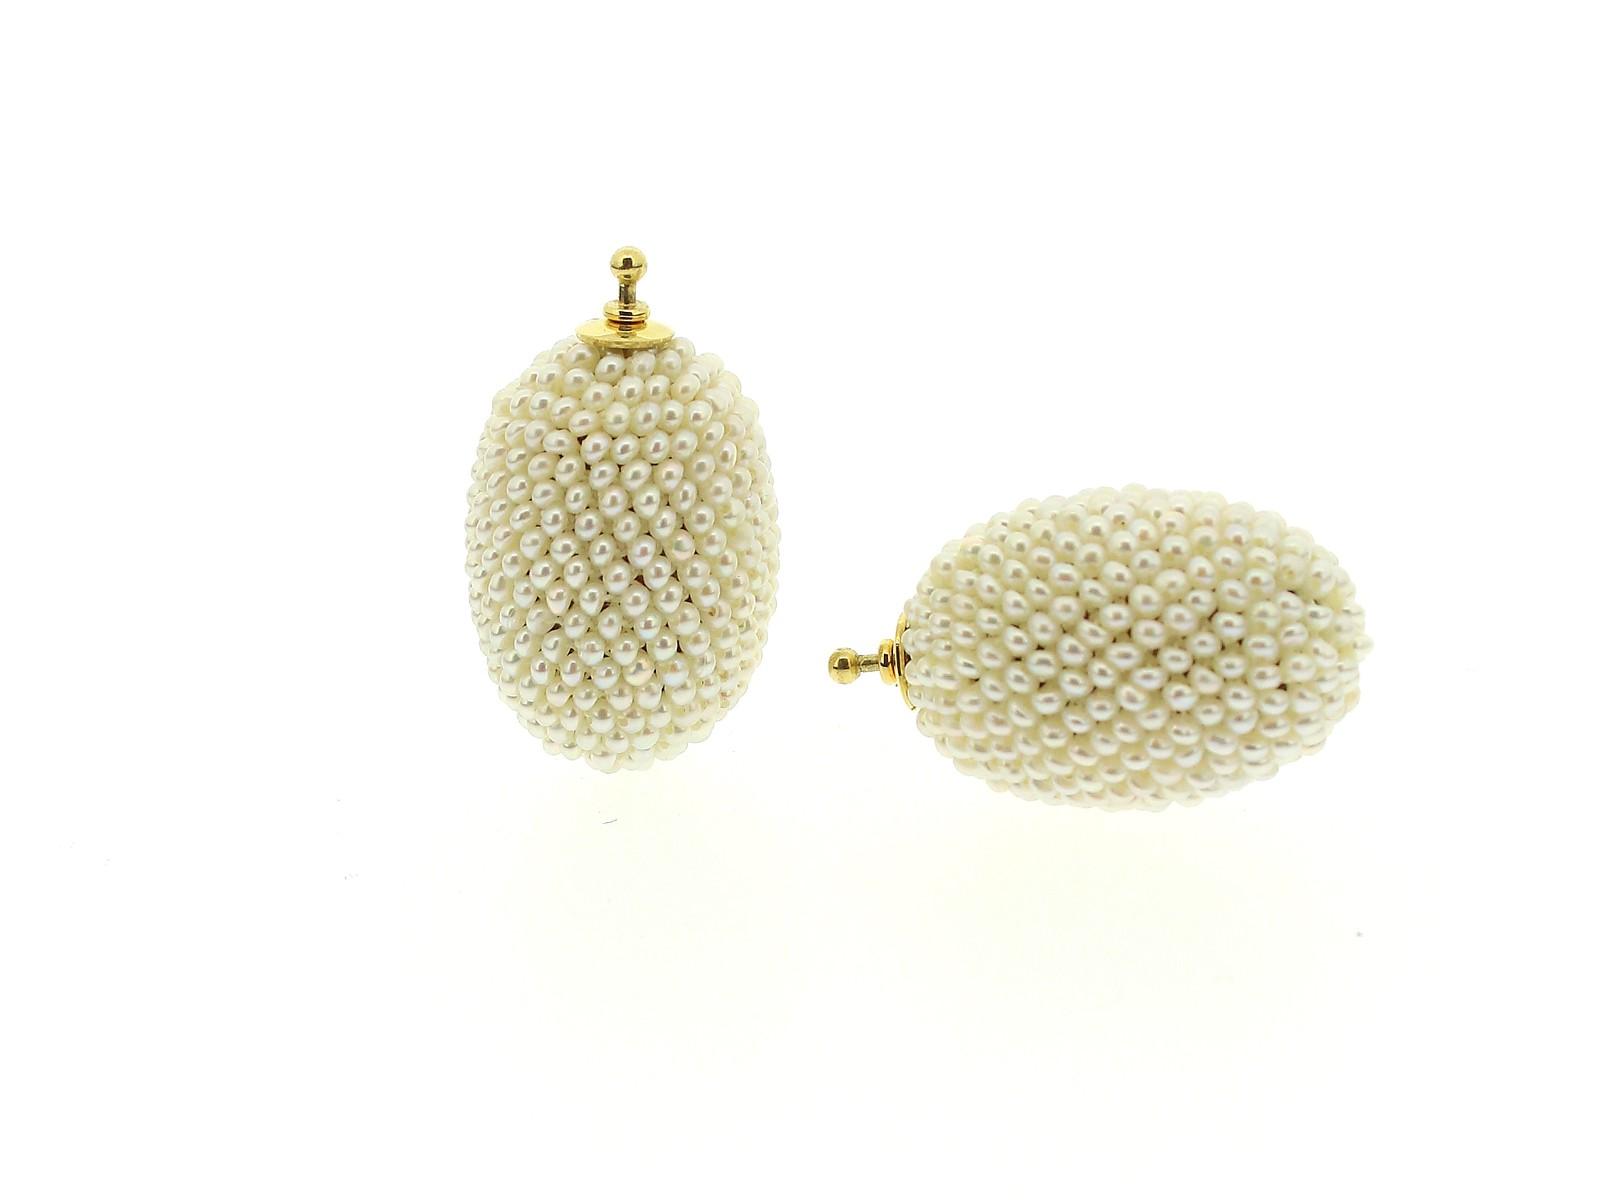 Einhänger Perlen-Kaviar - Köppel, Christine - 20565GG